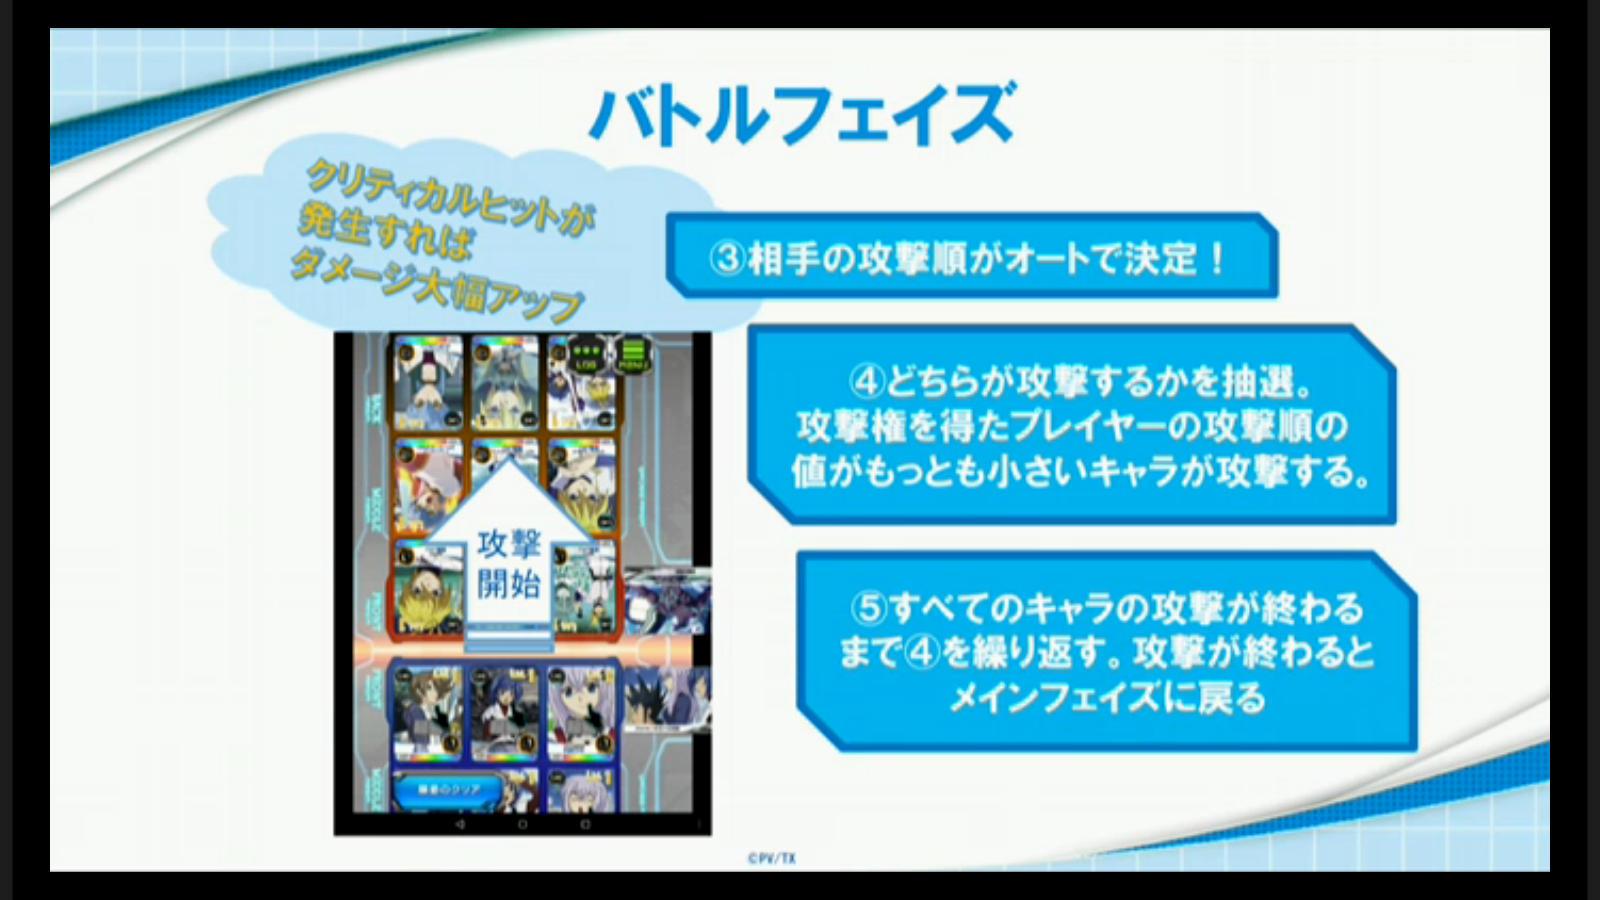 ジーンクロス発表会 新情報まとめ05.jpg バトルフェイズ